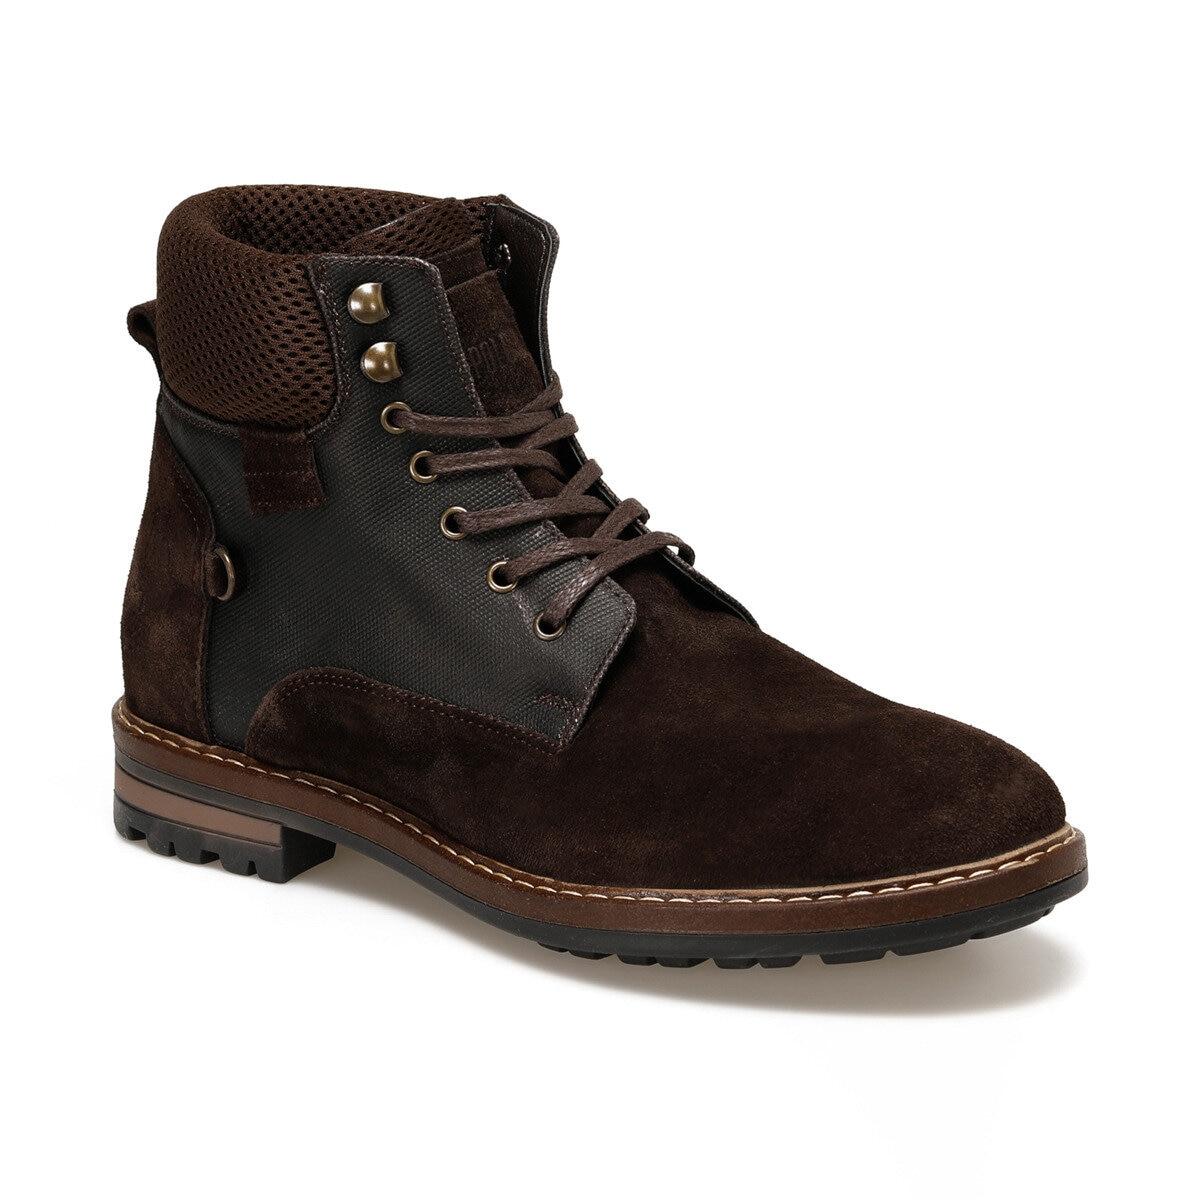 FLO MOON Brown Men Boots U.S. POLO ASSN.